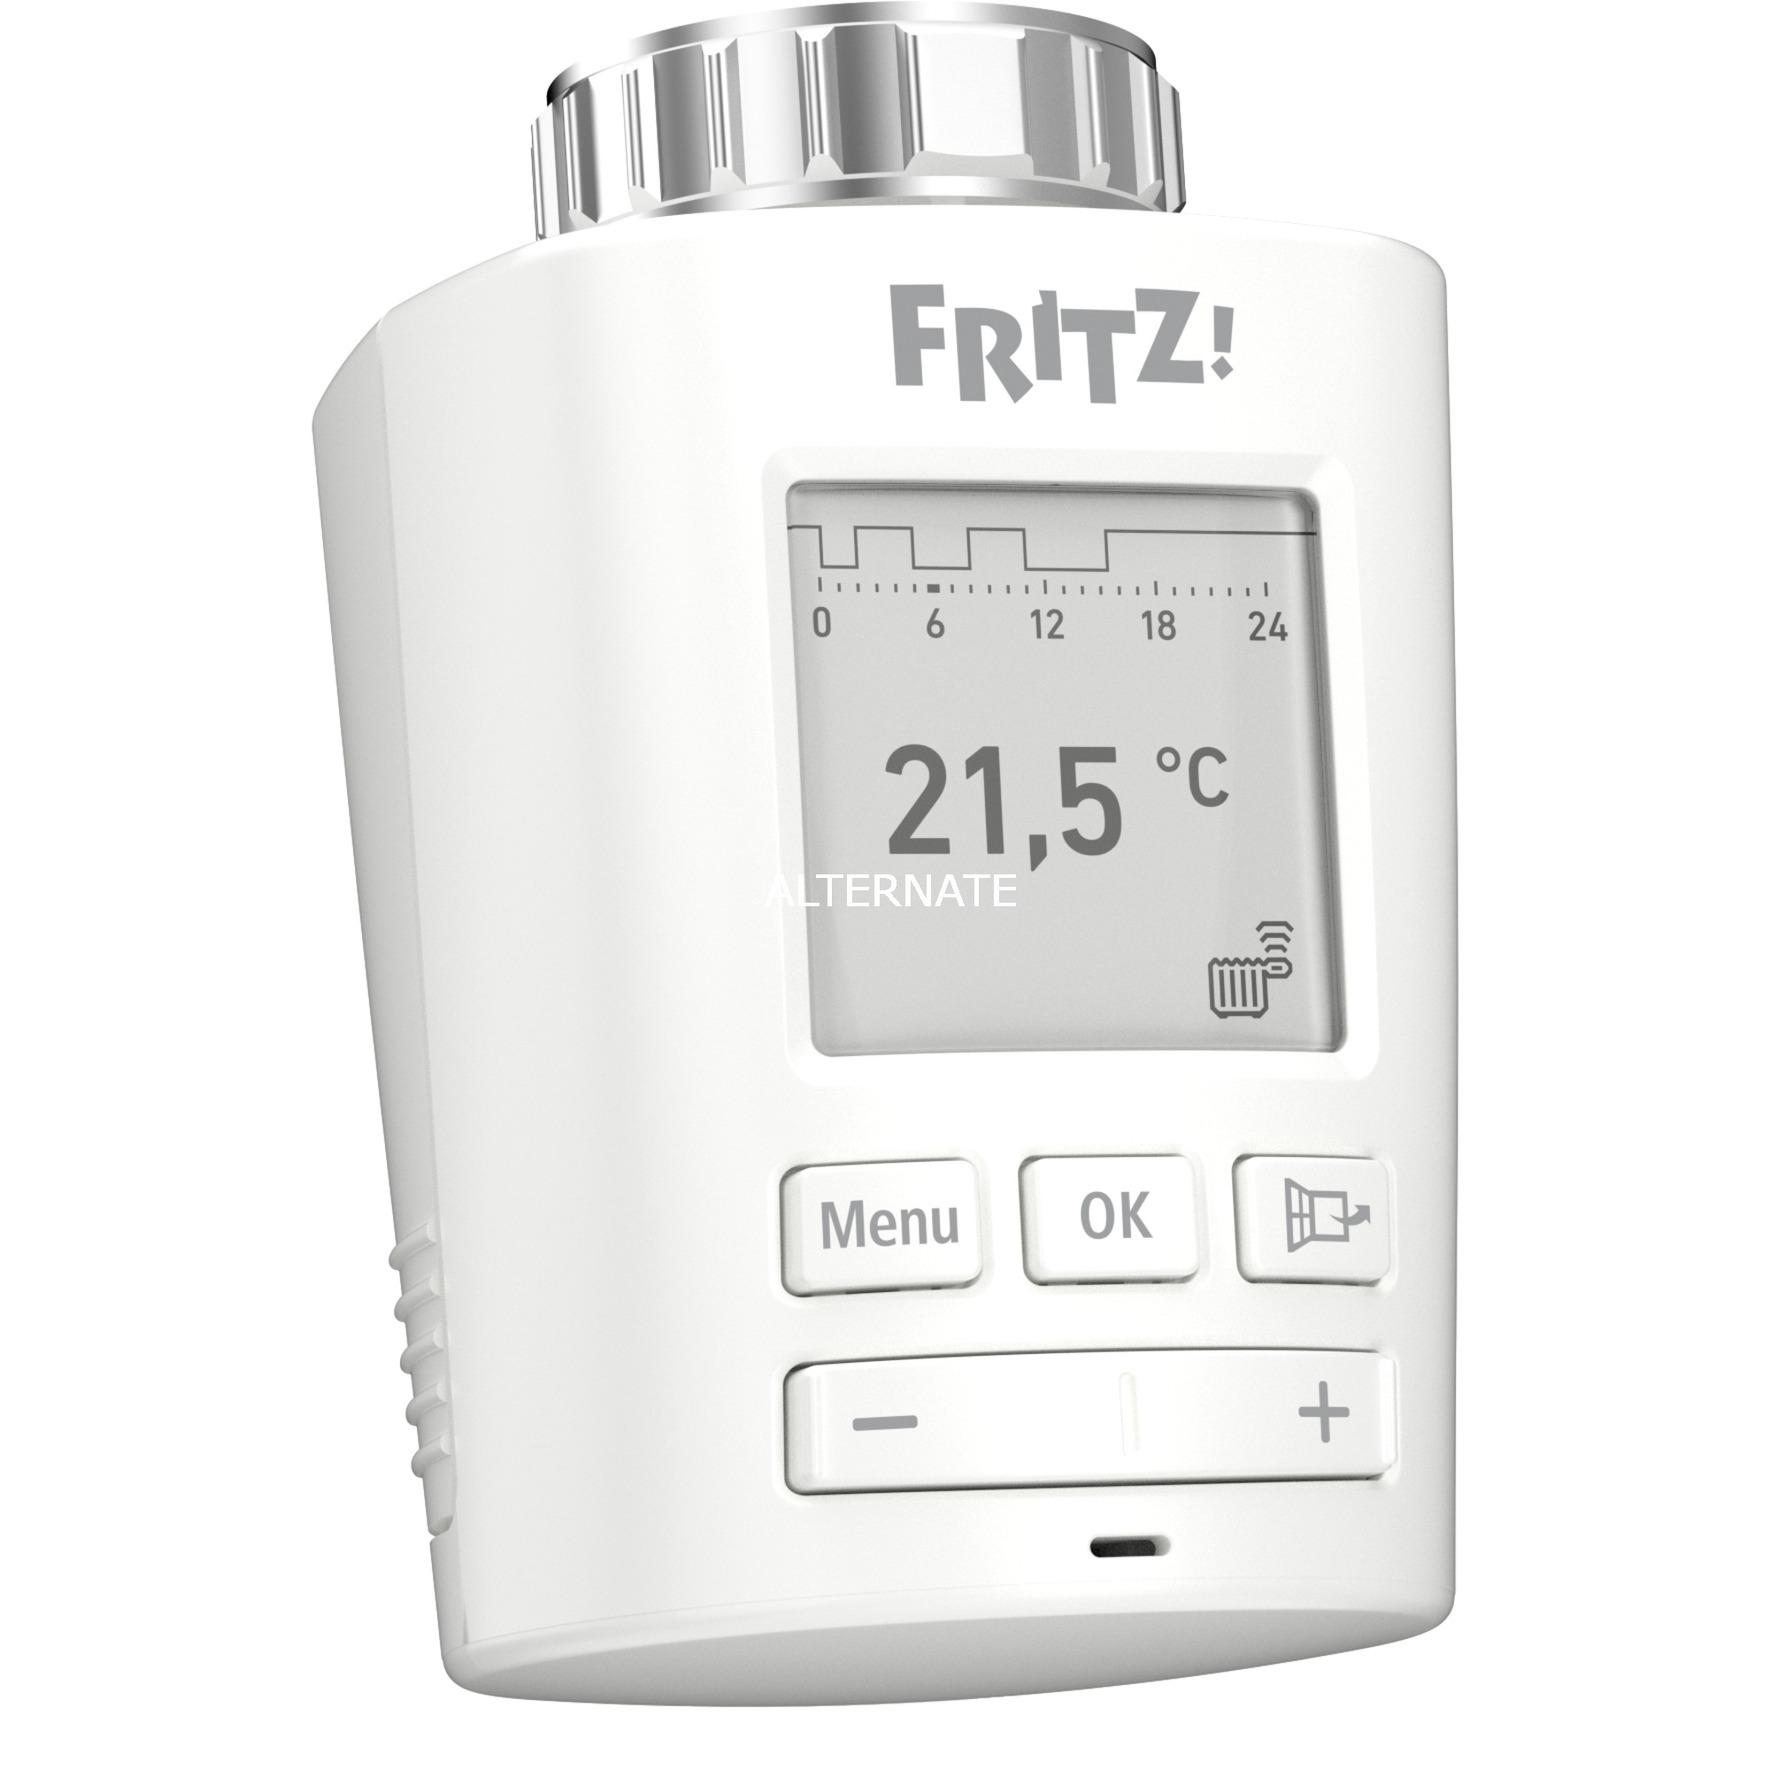 FRITZ!DECT 301 termoestato Blanco, Termostato de la calefacción